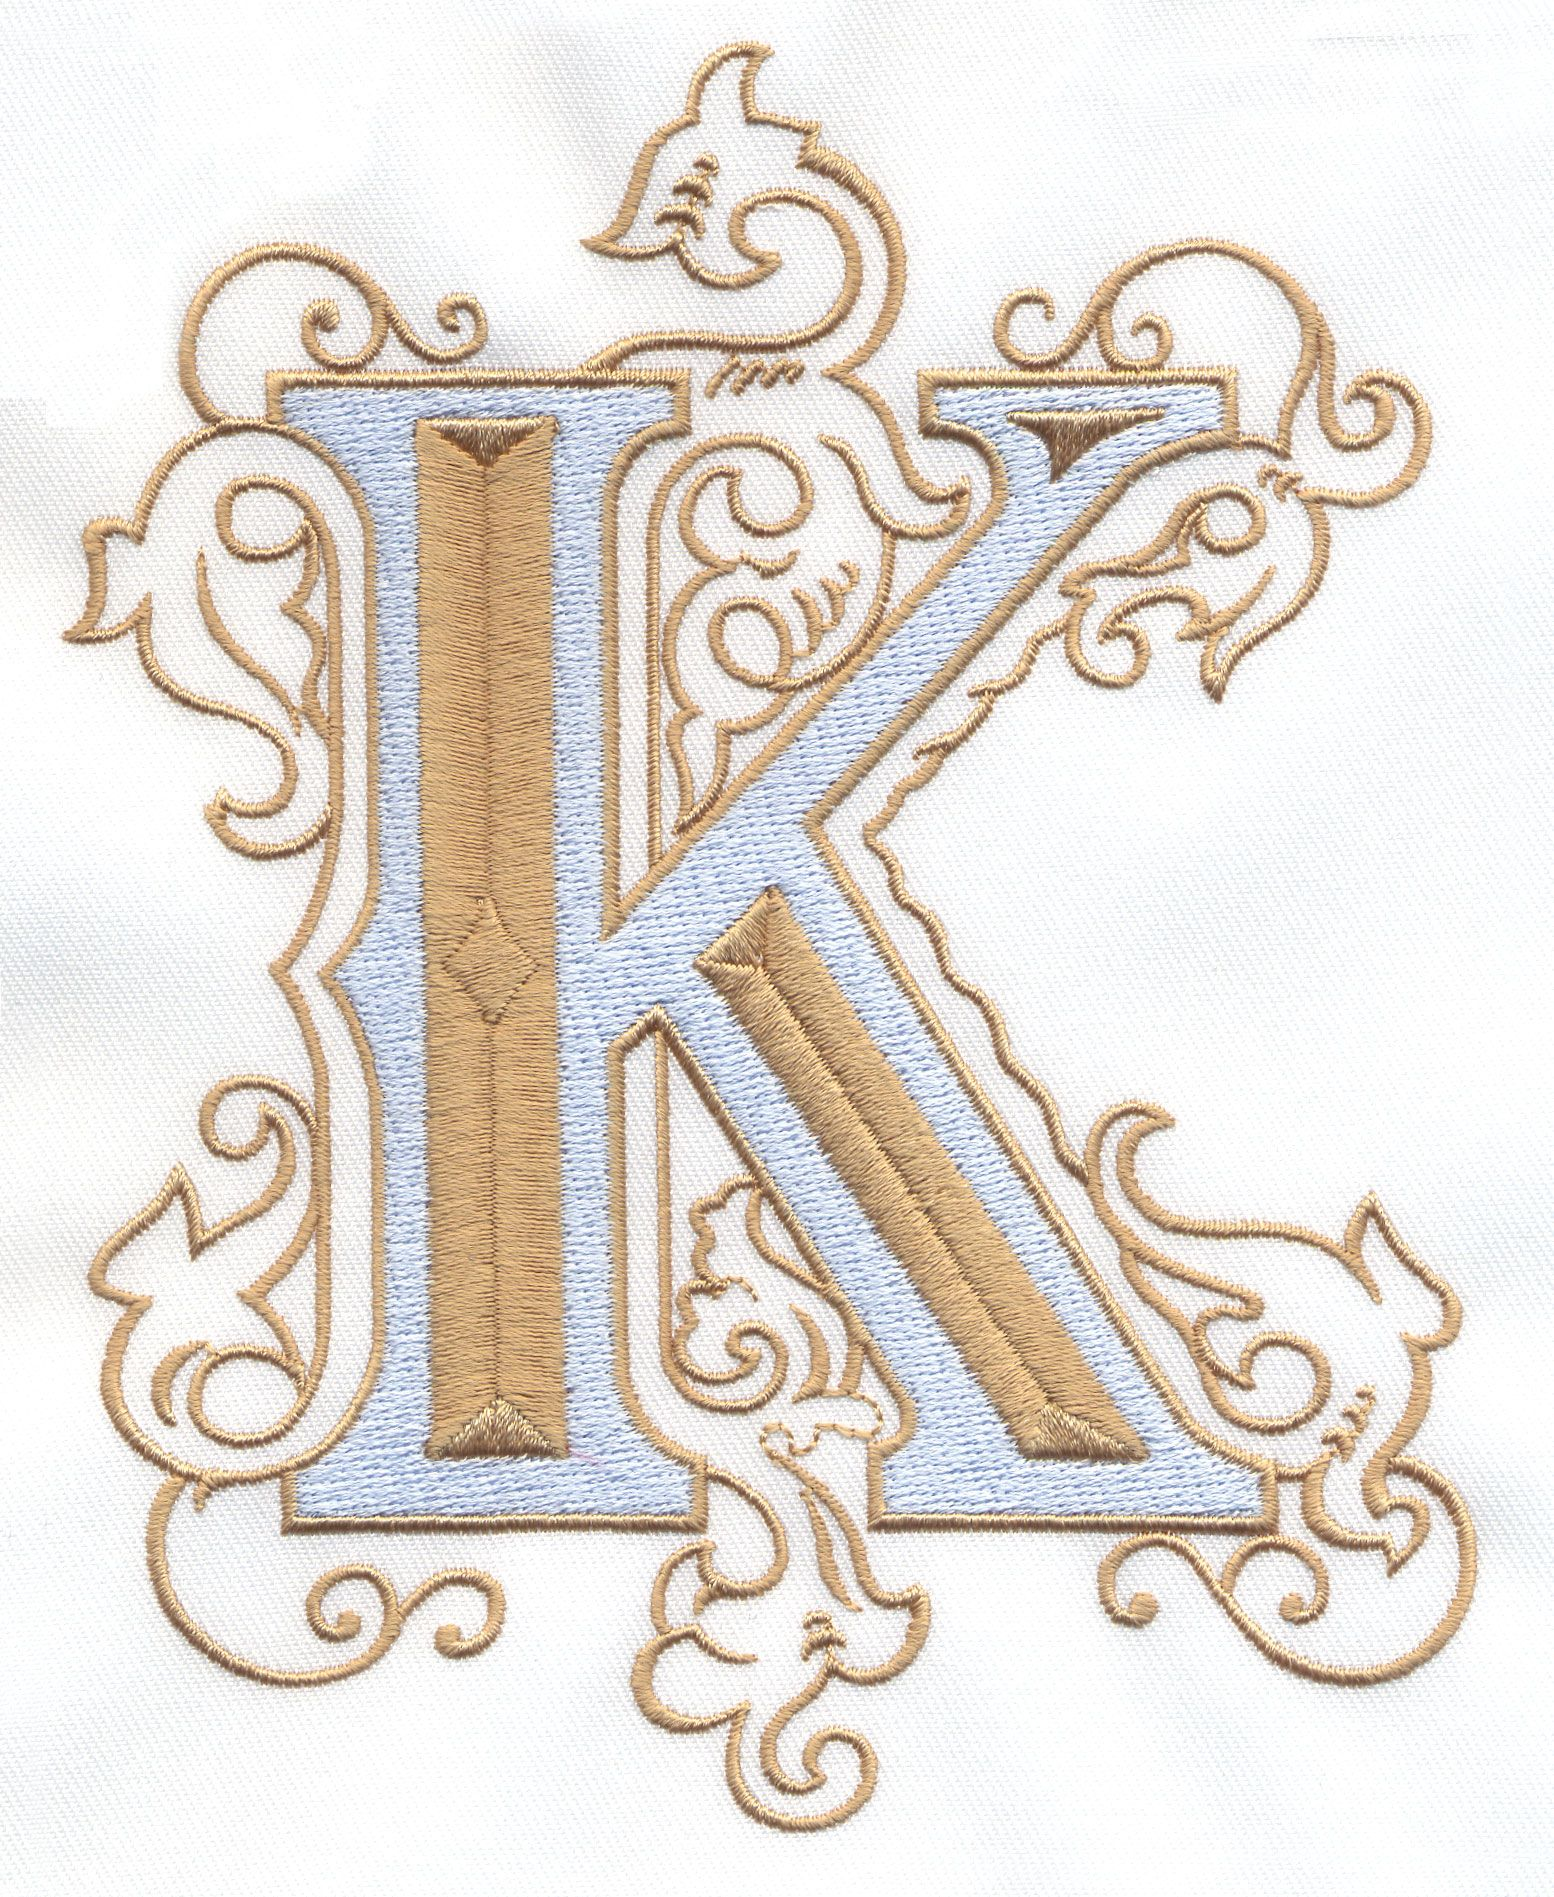 Vintage Royal Alphabet Accent Designs 2013 Alphabets